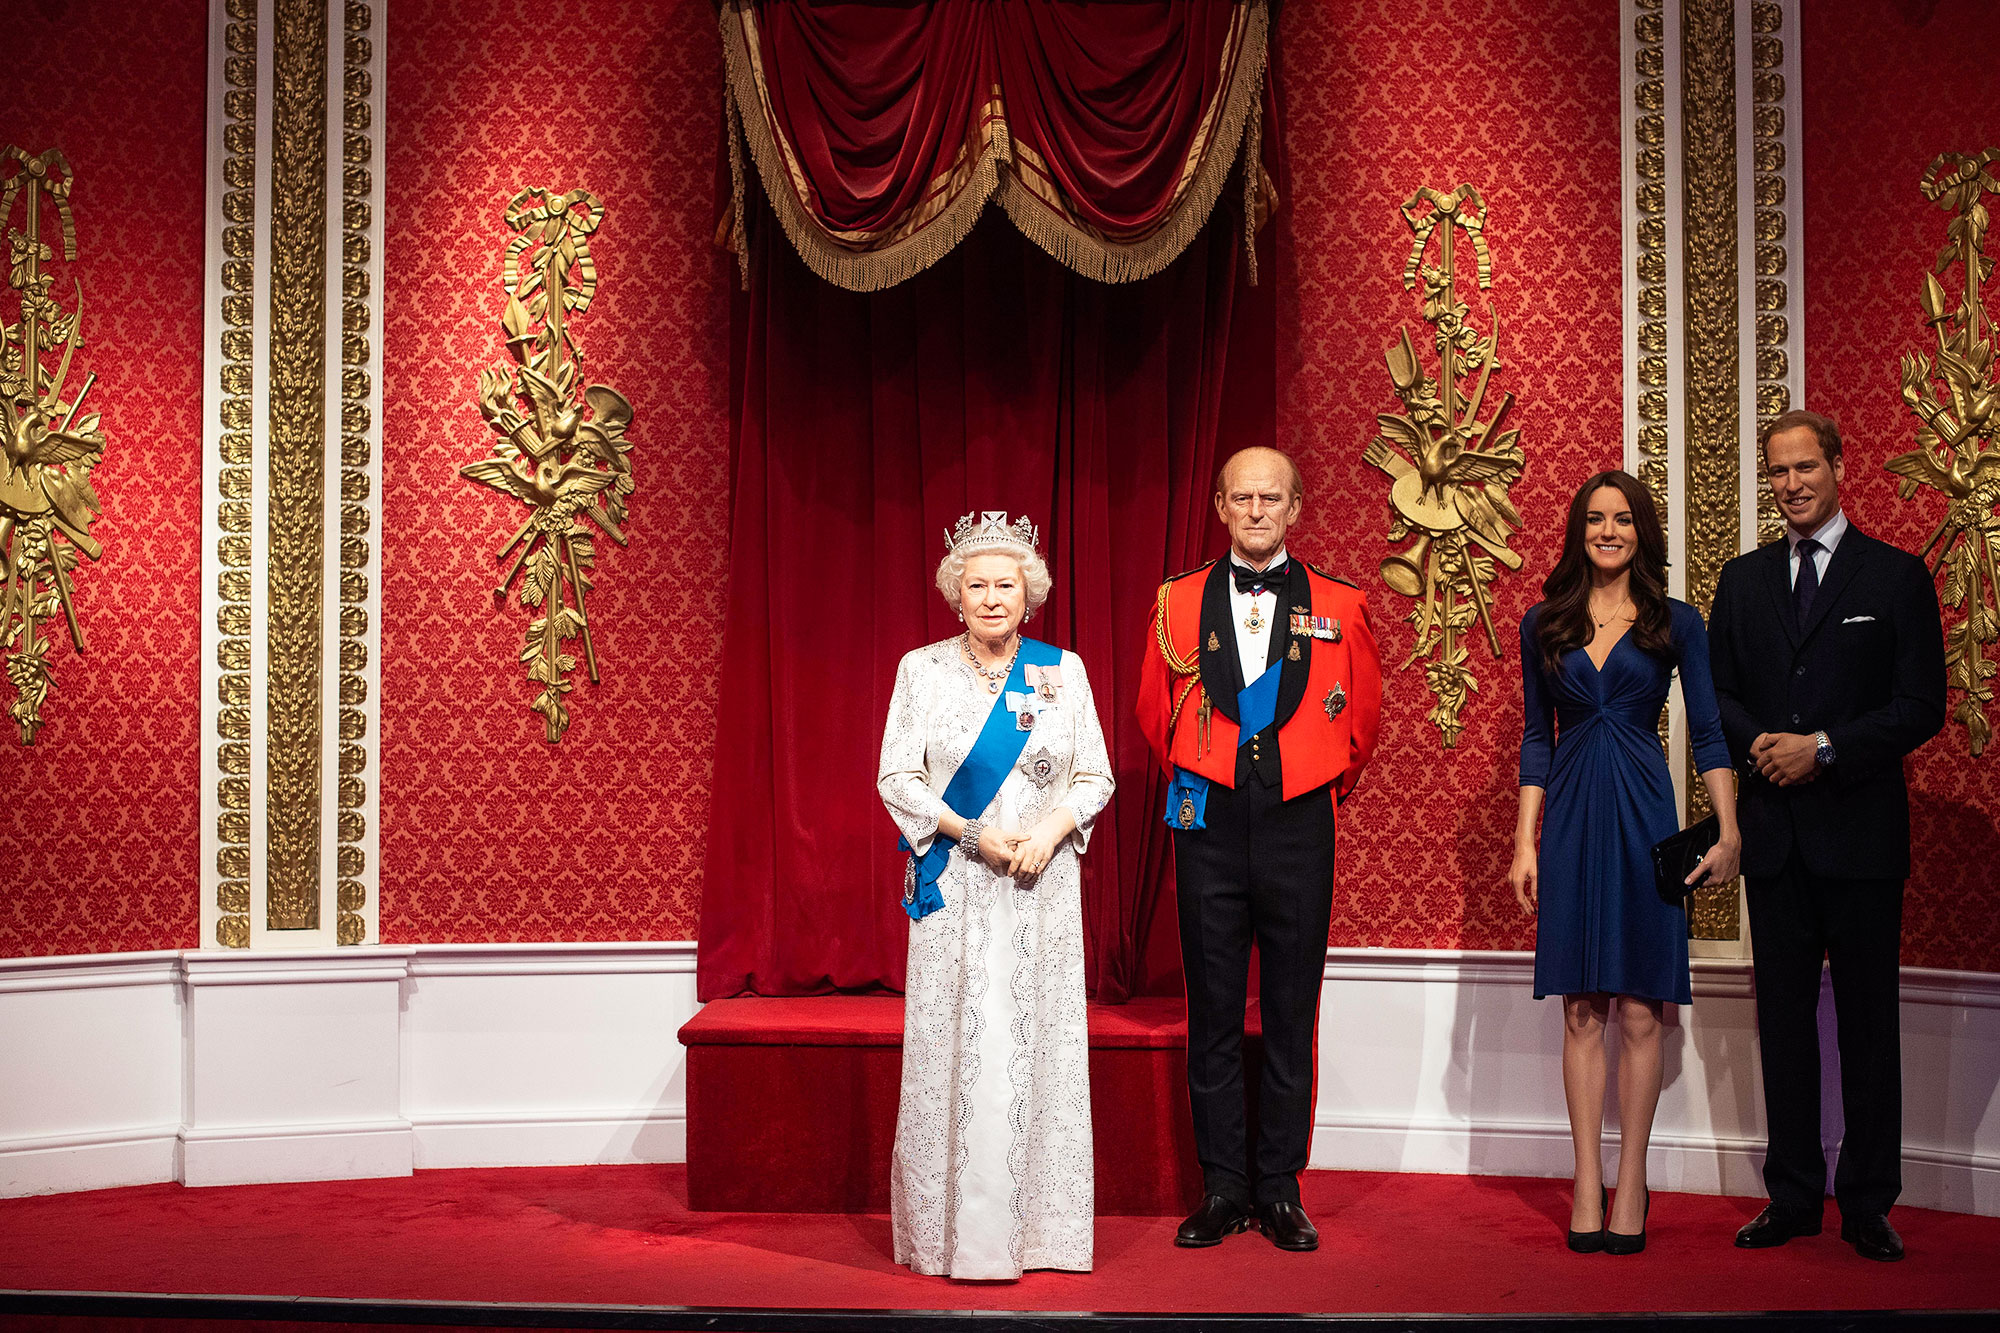 Так теперь выглядит место, где раньше стояли восковые фигуры принца Гарри иМеган Маркл вмузее Мадам Тюссо вЛондонеМузей Мадам Тюссо вЛондоне убрал изэкспозиции, посвященной королевской семье, восковые фигуры принца Гарри иМеган Маркл. Гендиректор музея Стив Дэвис назвал это реакцией нарешение герцога игерцогини Сассекских отказаться откоролевский привилегий истать более независимыми. ВБритании случившееся прозвали Мегзитом итеперь бурно обсуждают, что будет смонархией икак теперь принц Гарри иего супруга будут зарабатывать нажизнь. Подробнее обэтом можно прочитать здесь.ИСТОЧНИК: VICTORIA JONES/PA/ТАСС